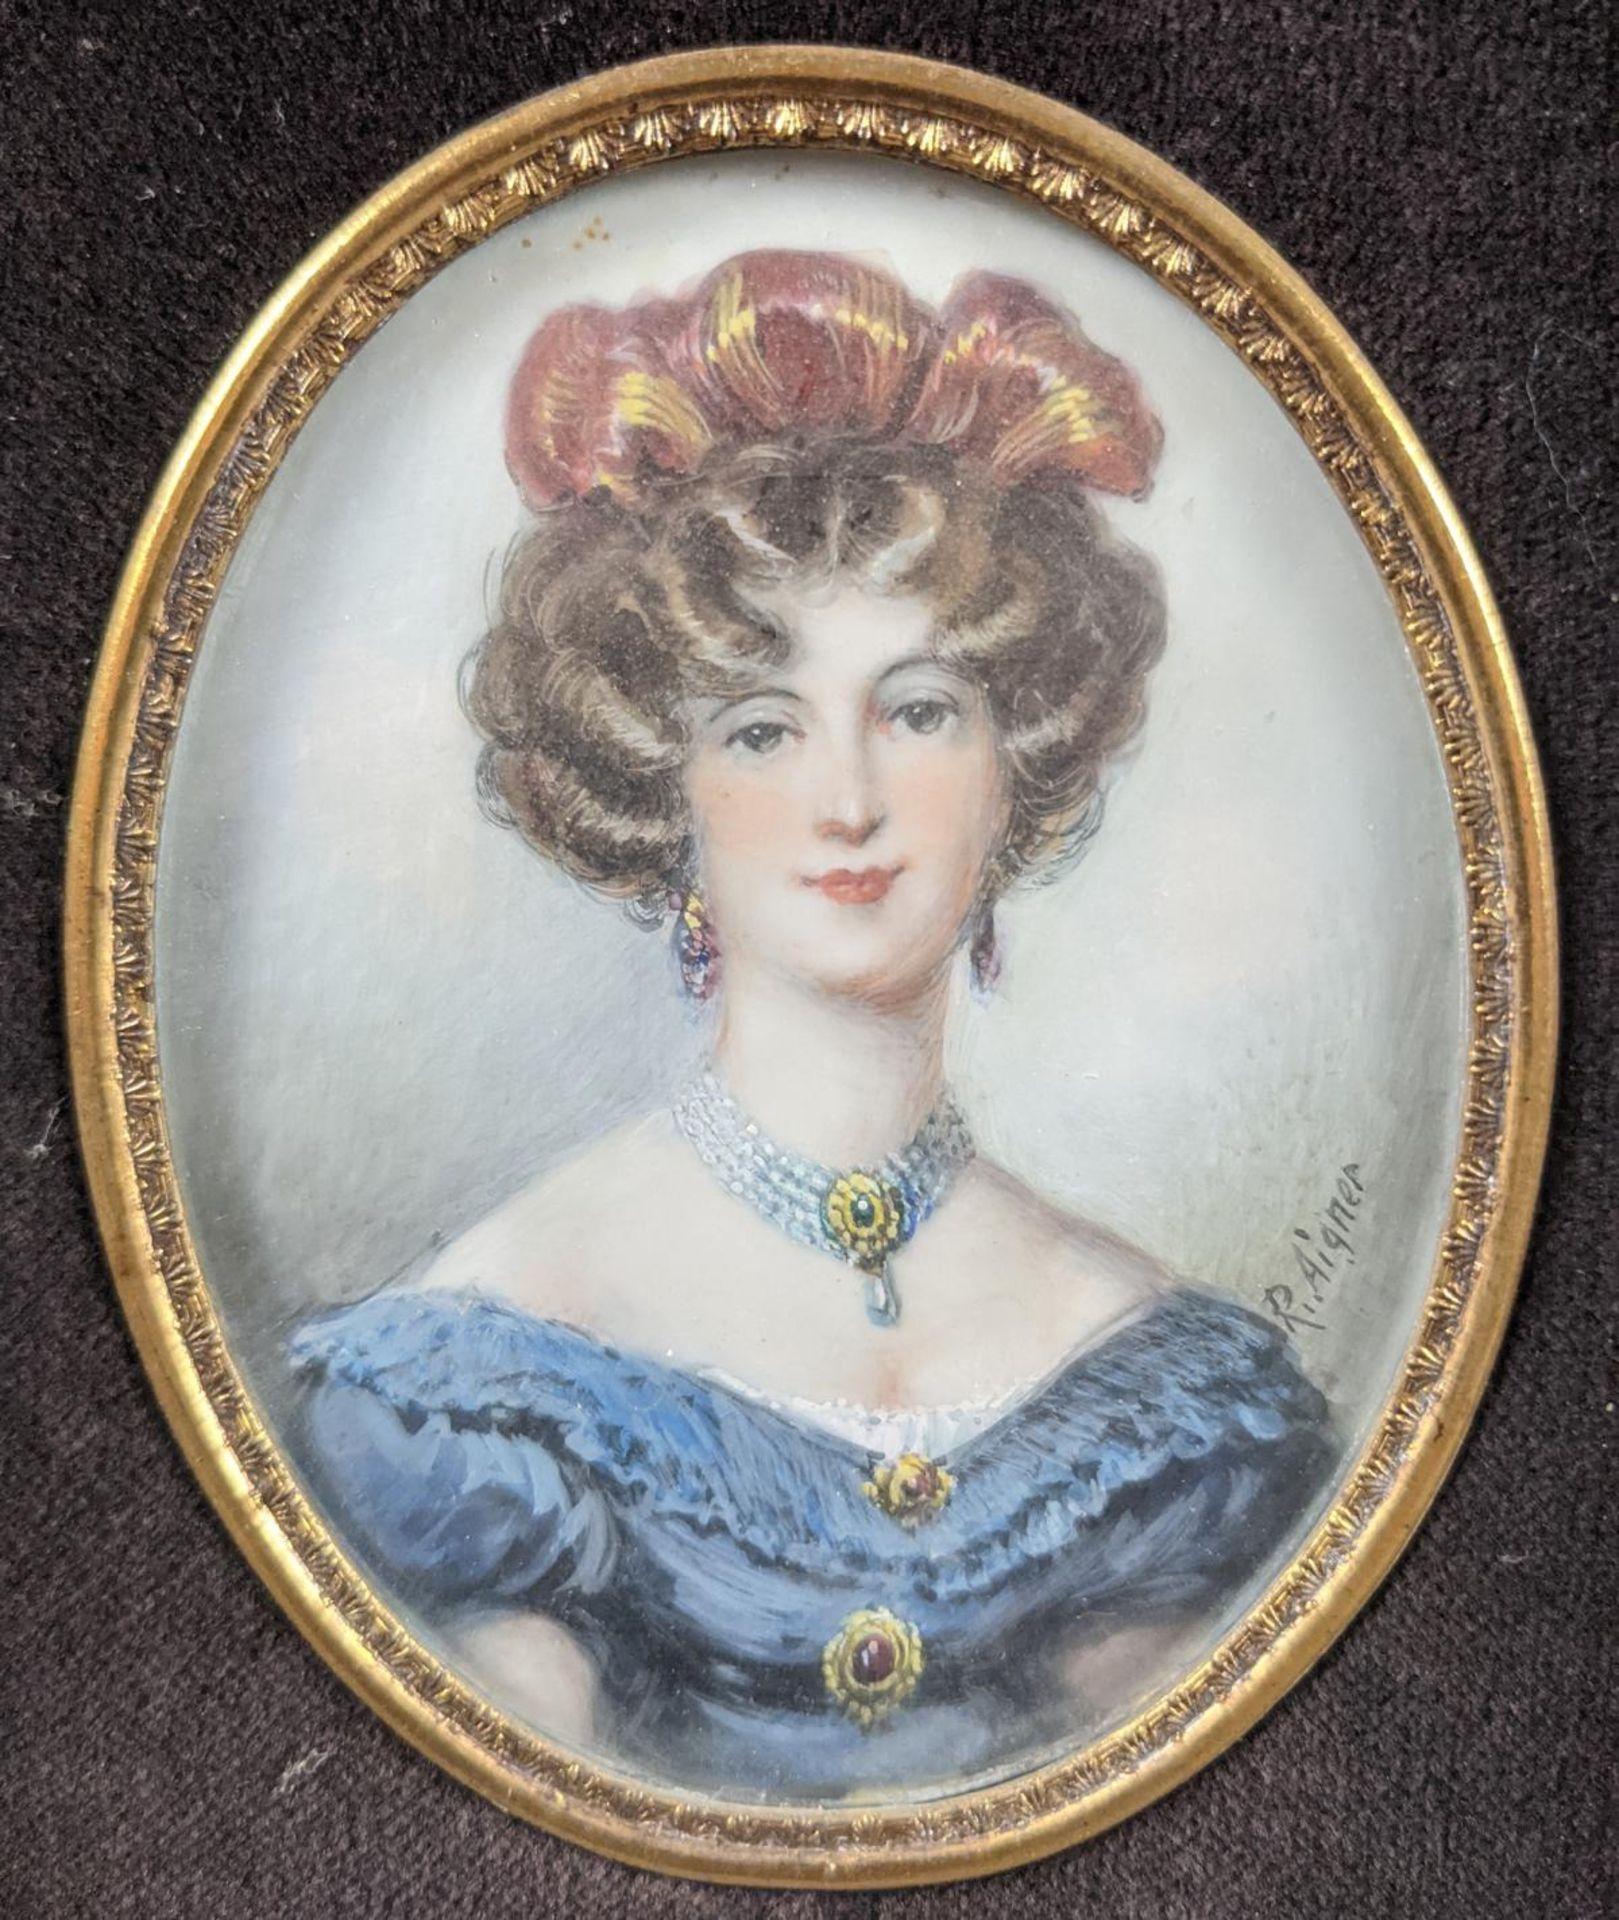 R. Aigner, Elfenbeinminiatur um 1900, Damenportrait - Image 2 of 4